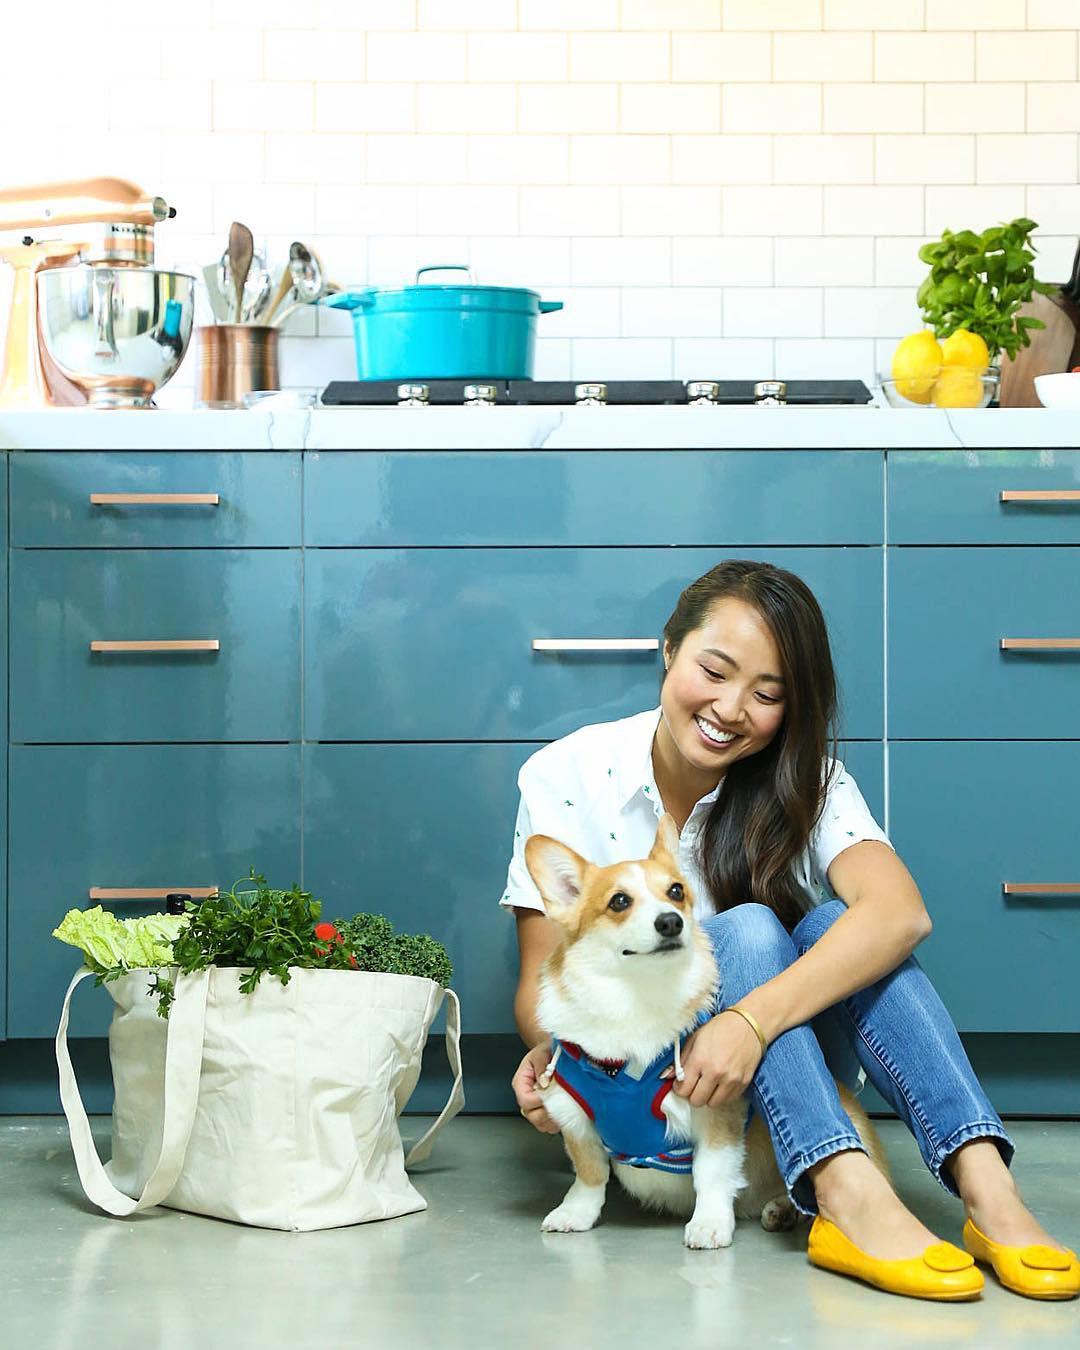 Gặp gỡ cô nàng food blogger xinh tươi nổi tiếng thế giới, nấu toàn món ăn lành mạnh lại cực dễ làm - Ảnh 1.